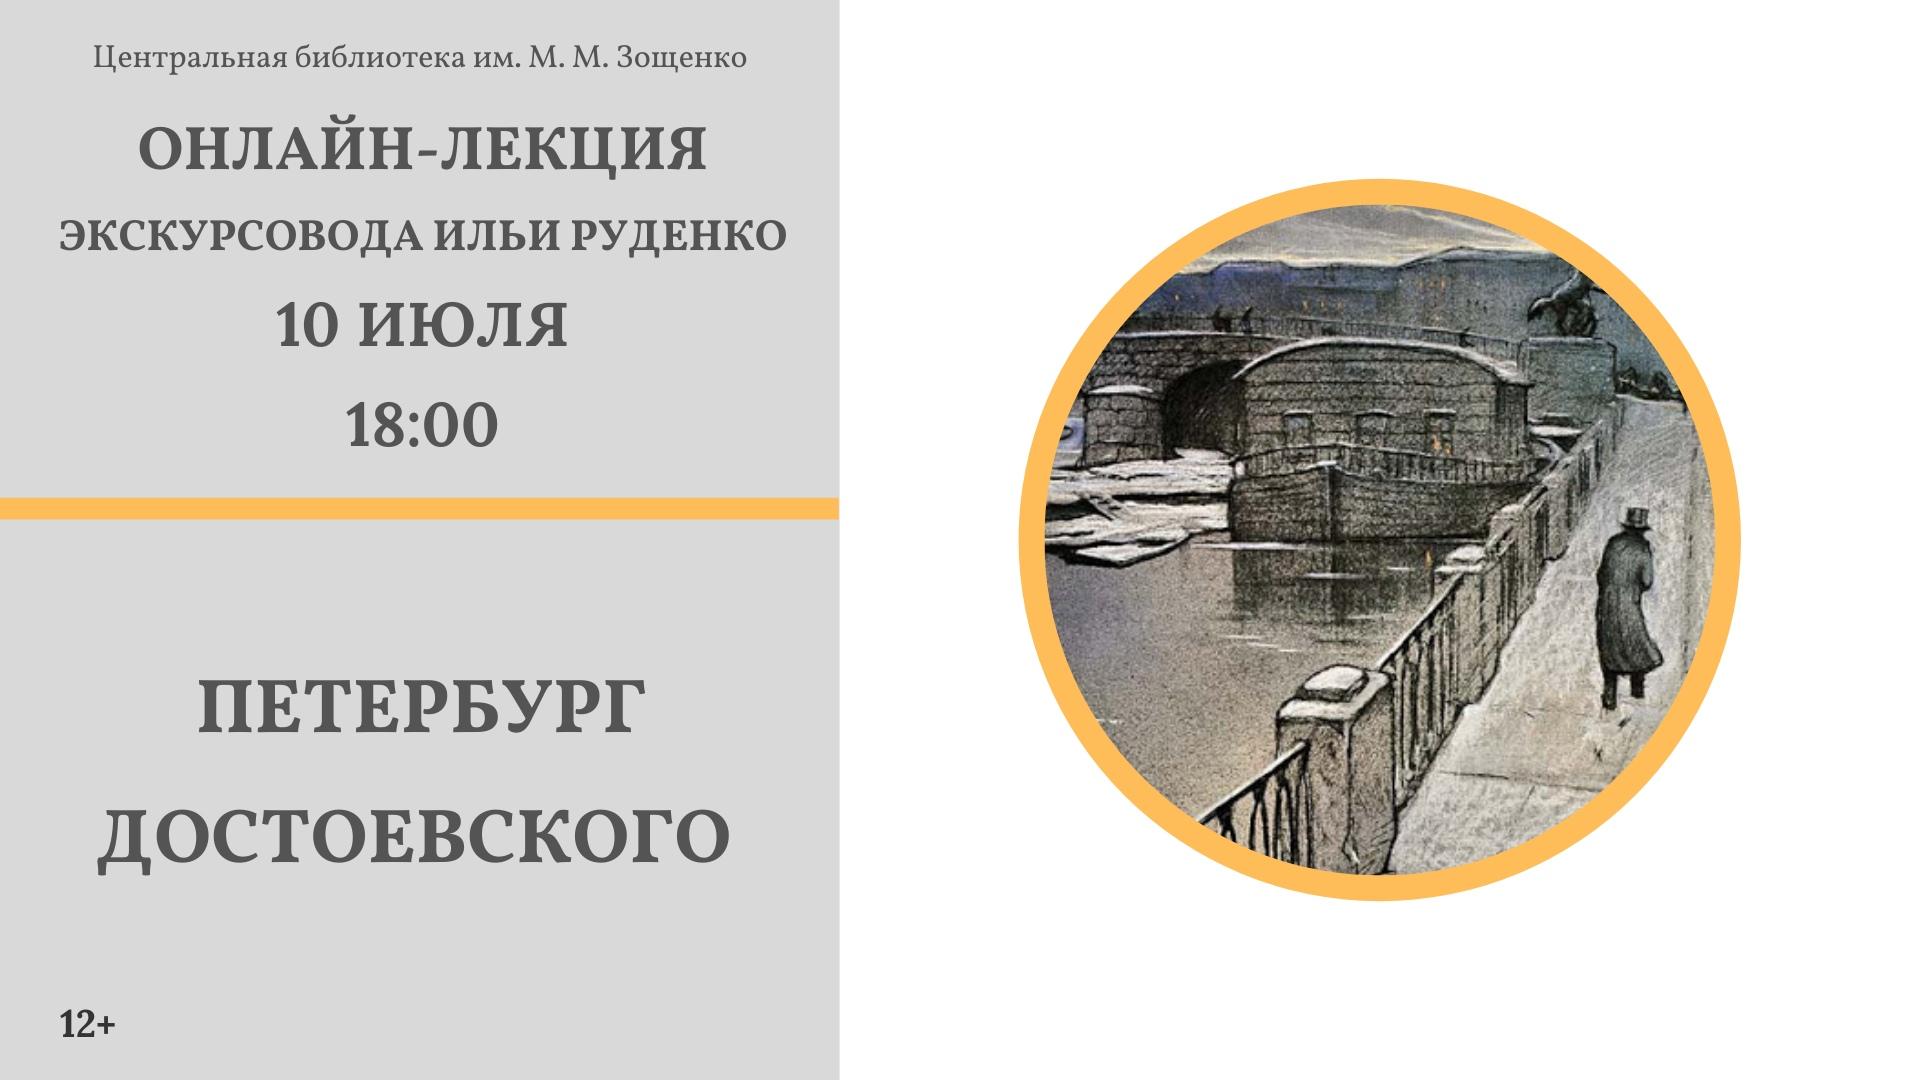 онлайн-лекция Петербург Достоевского